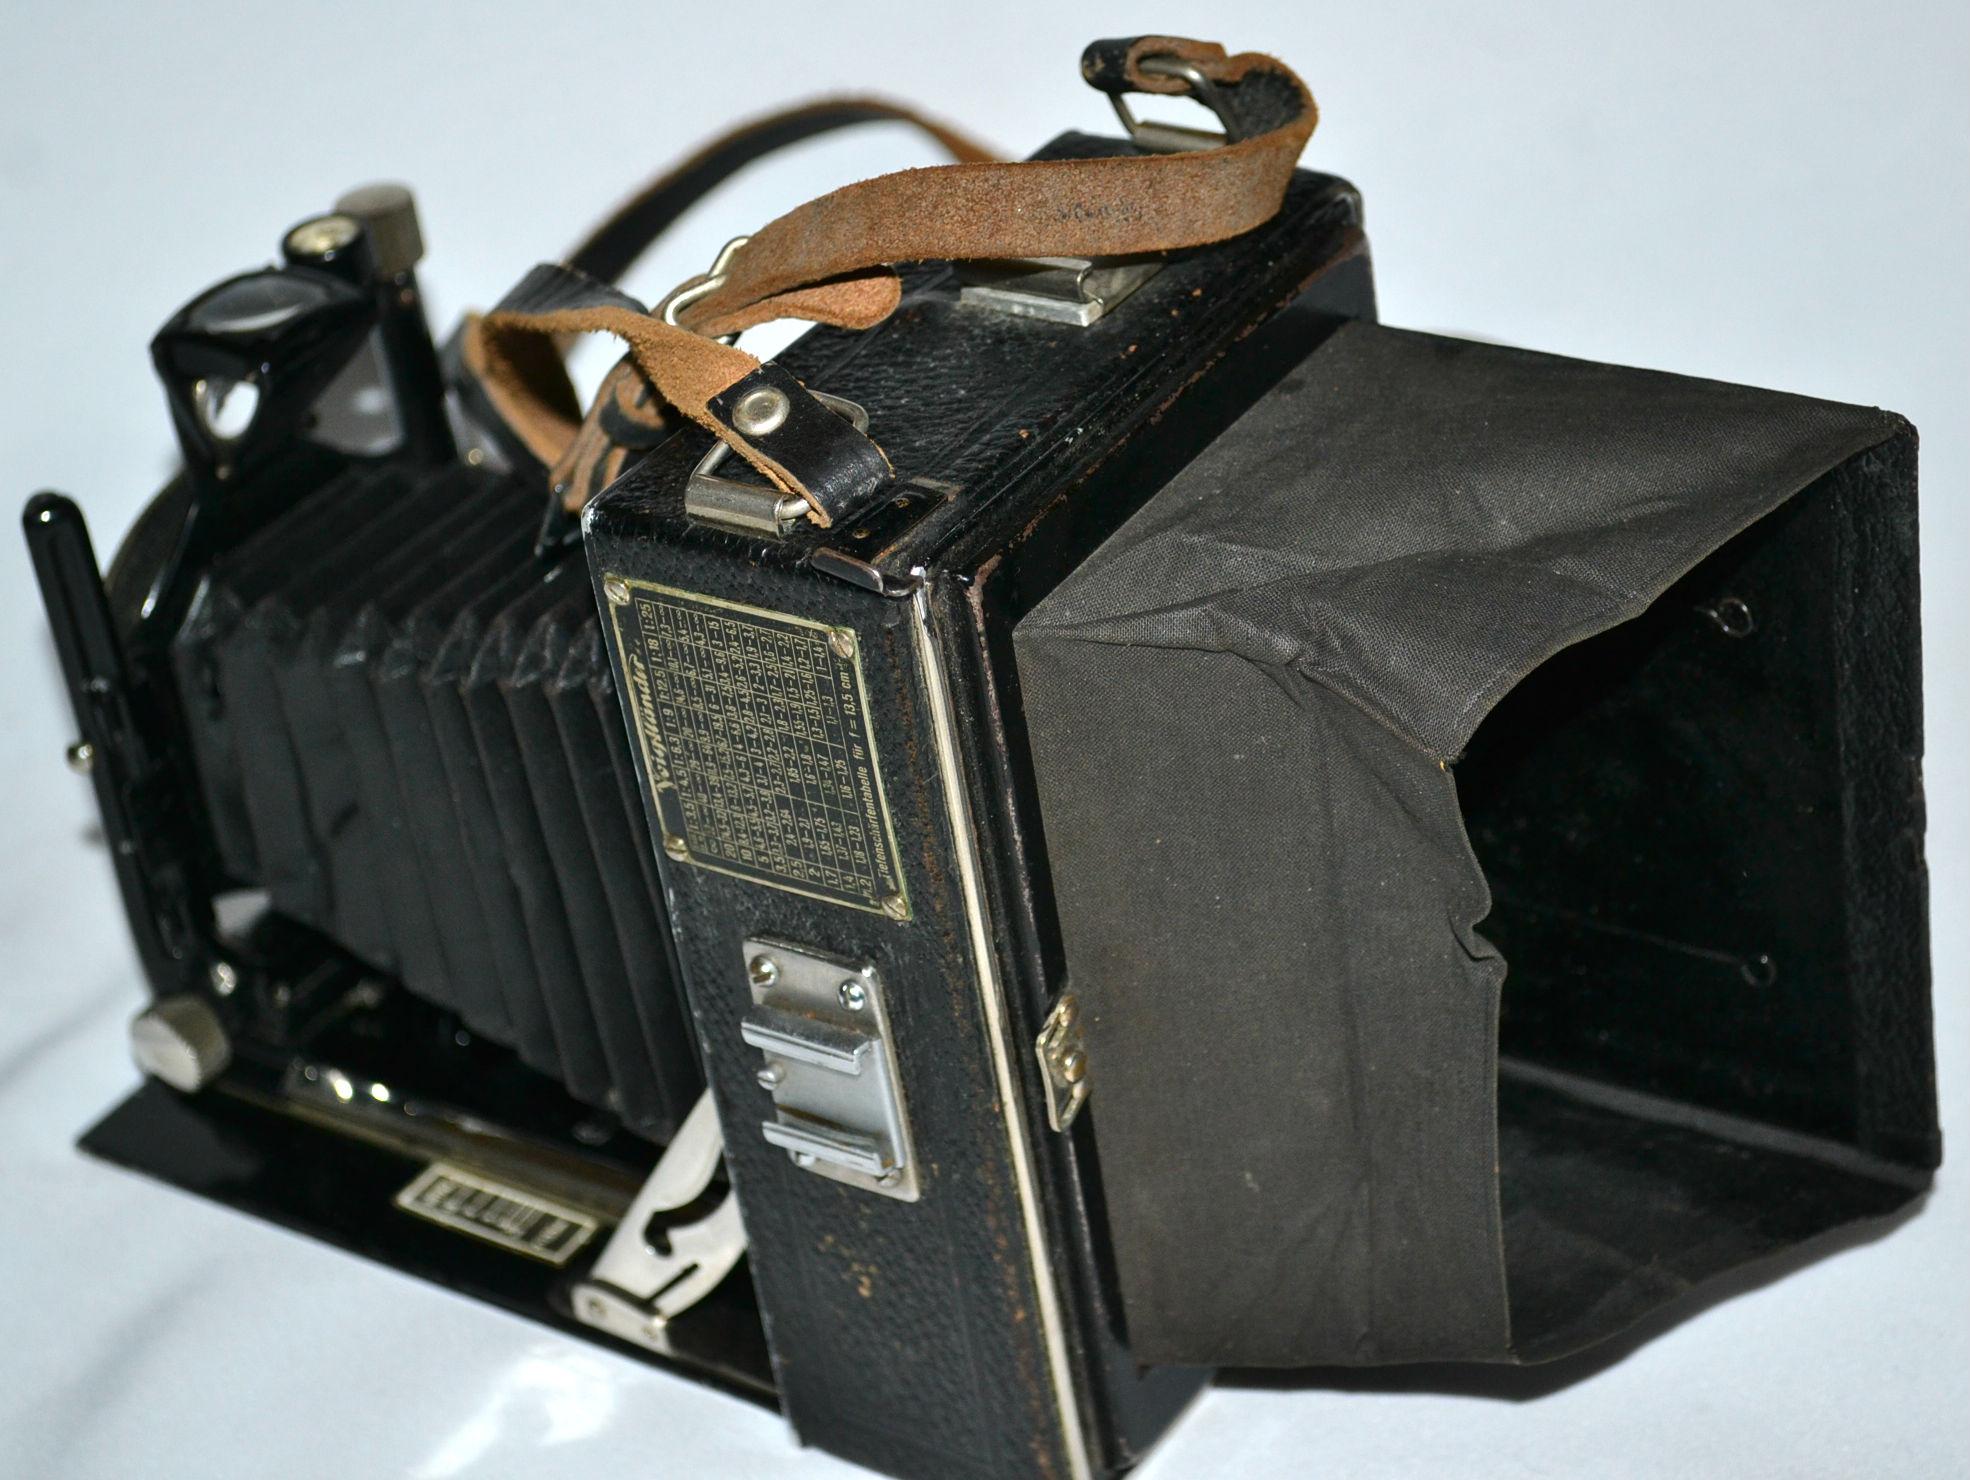 благодаря качественной старинный немецкий фотоаппарат оценить освоить